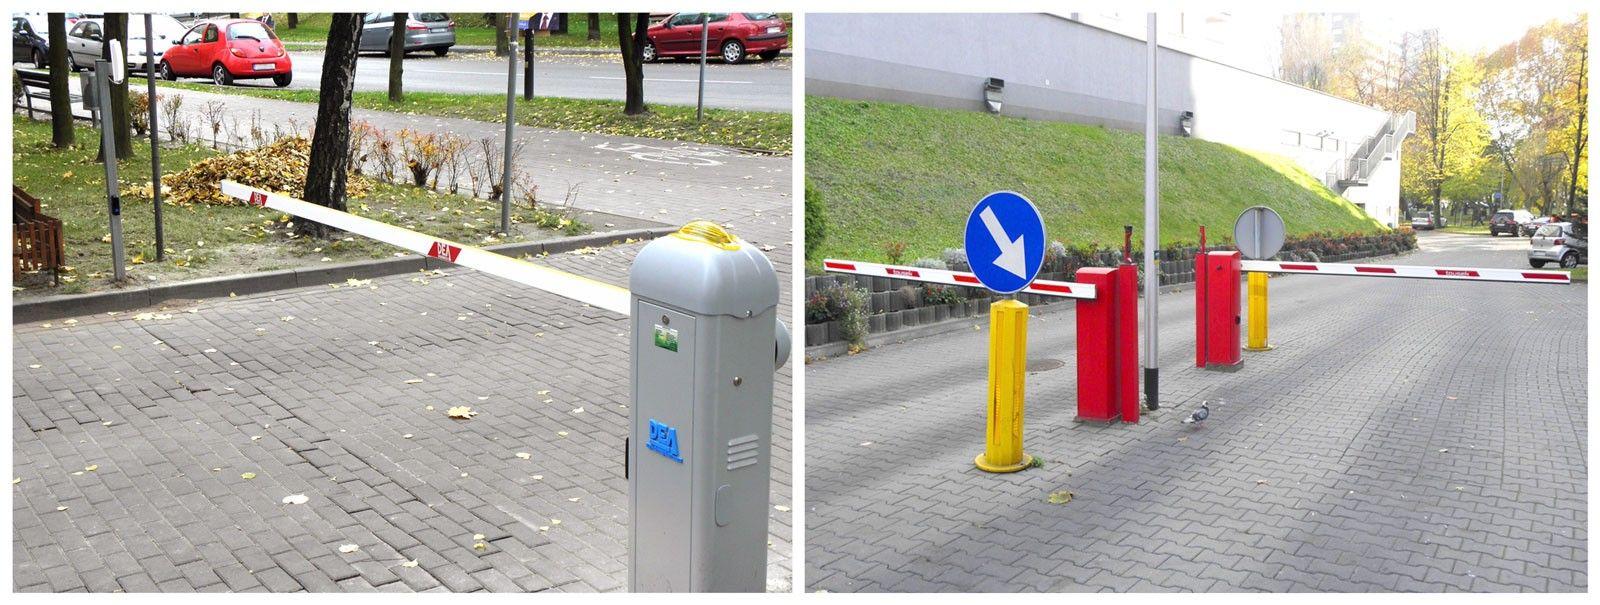 bezobsługowe systemy parkingowe, szlabany automatyczne i centrala sterująca